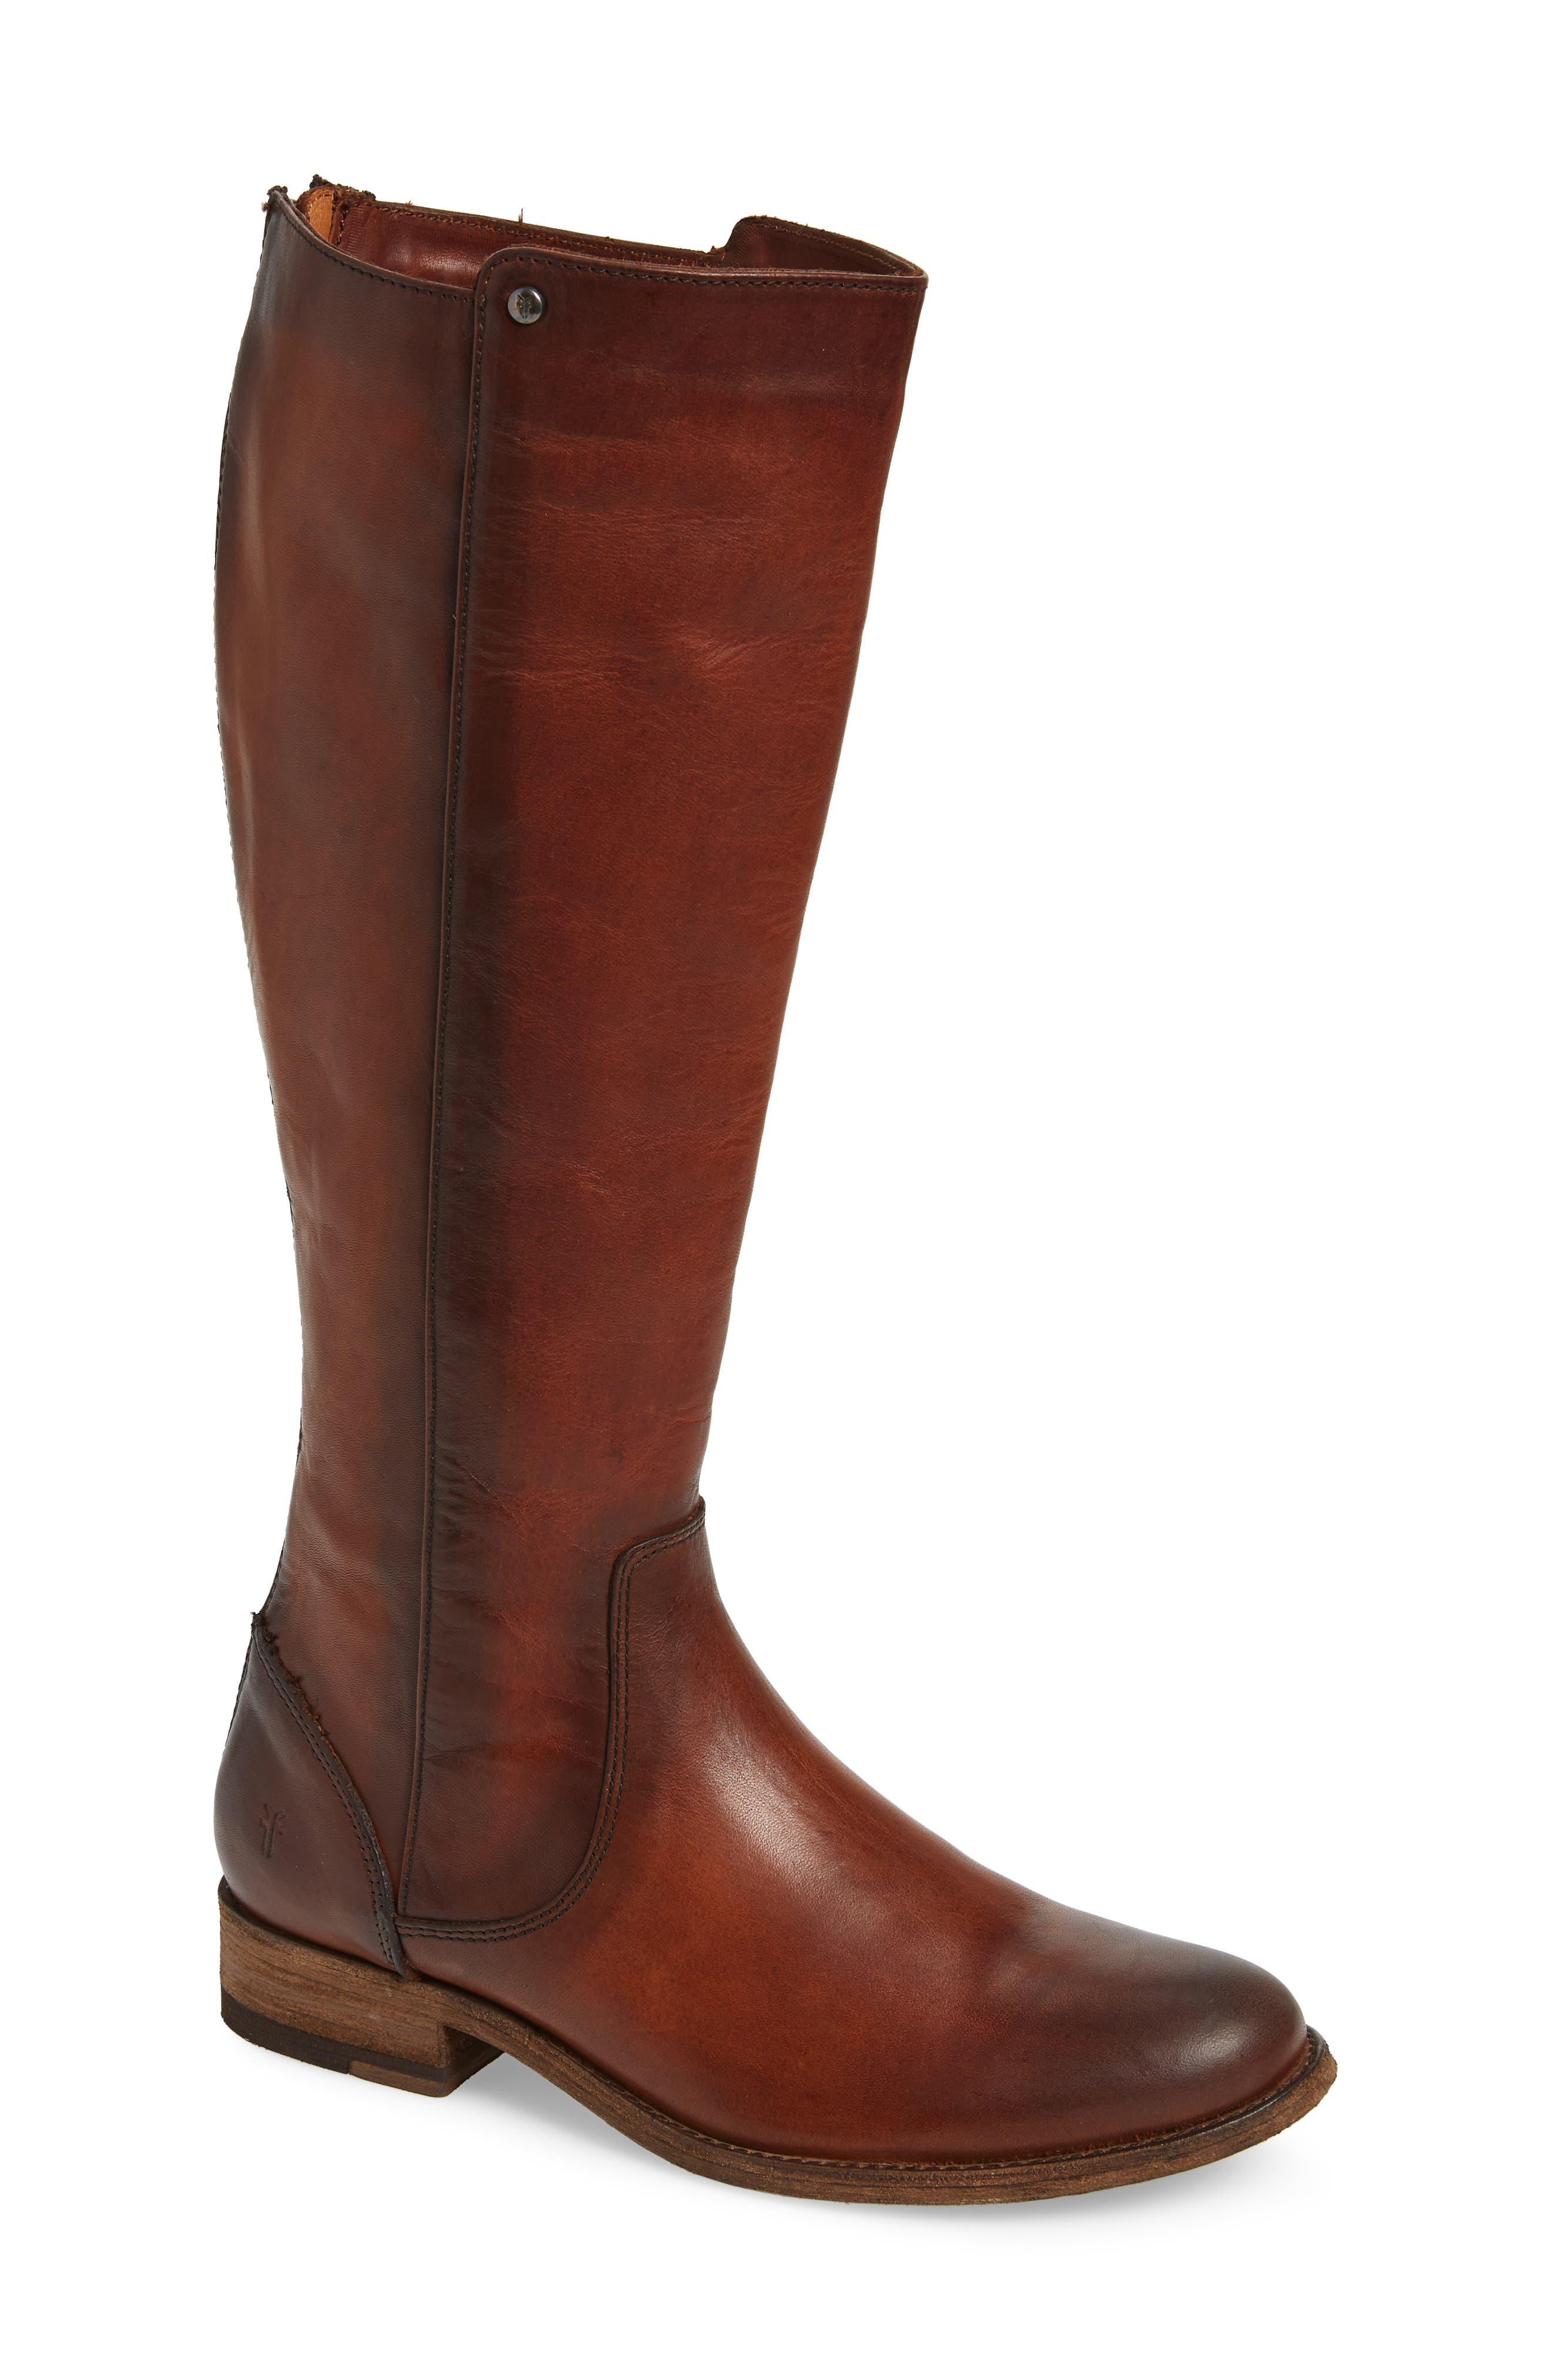 Frye Melissa Stud Knee High Boot, Brown